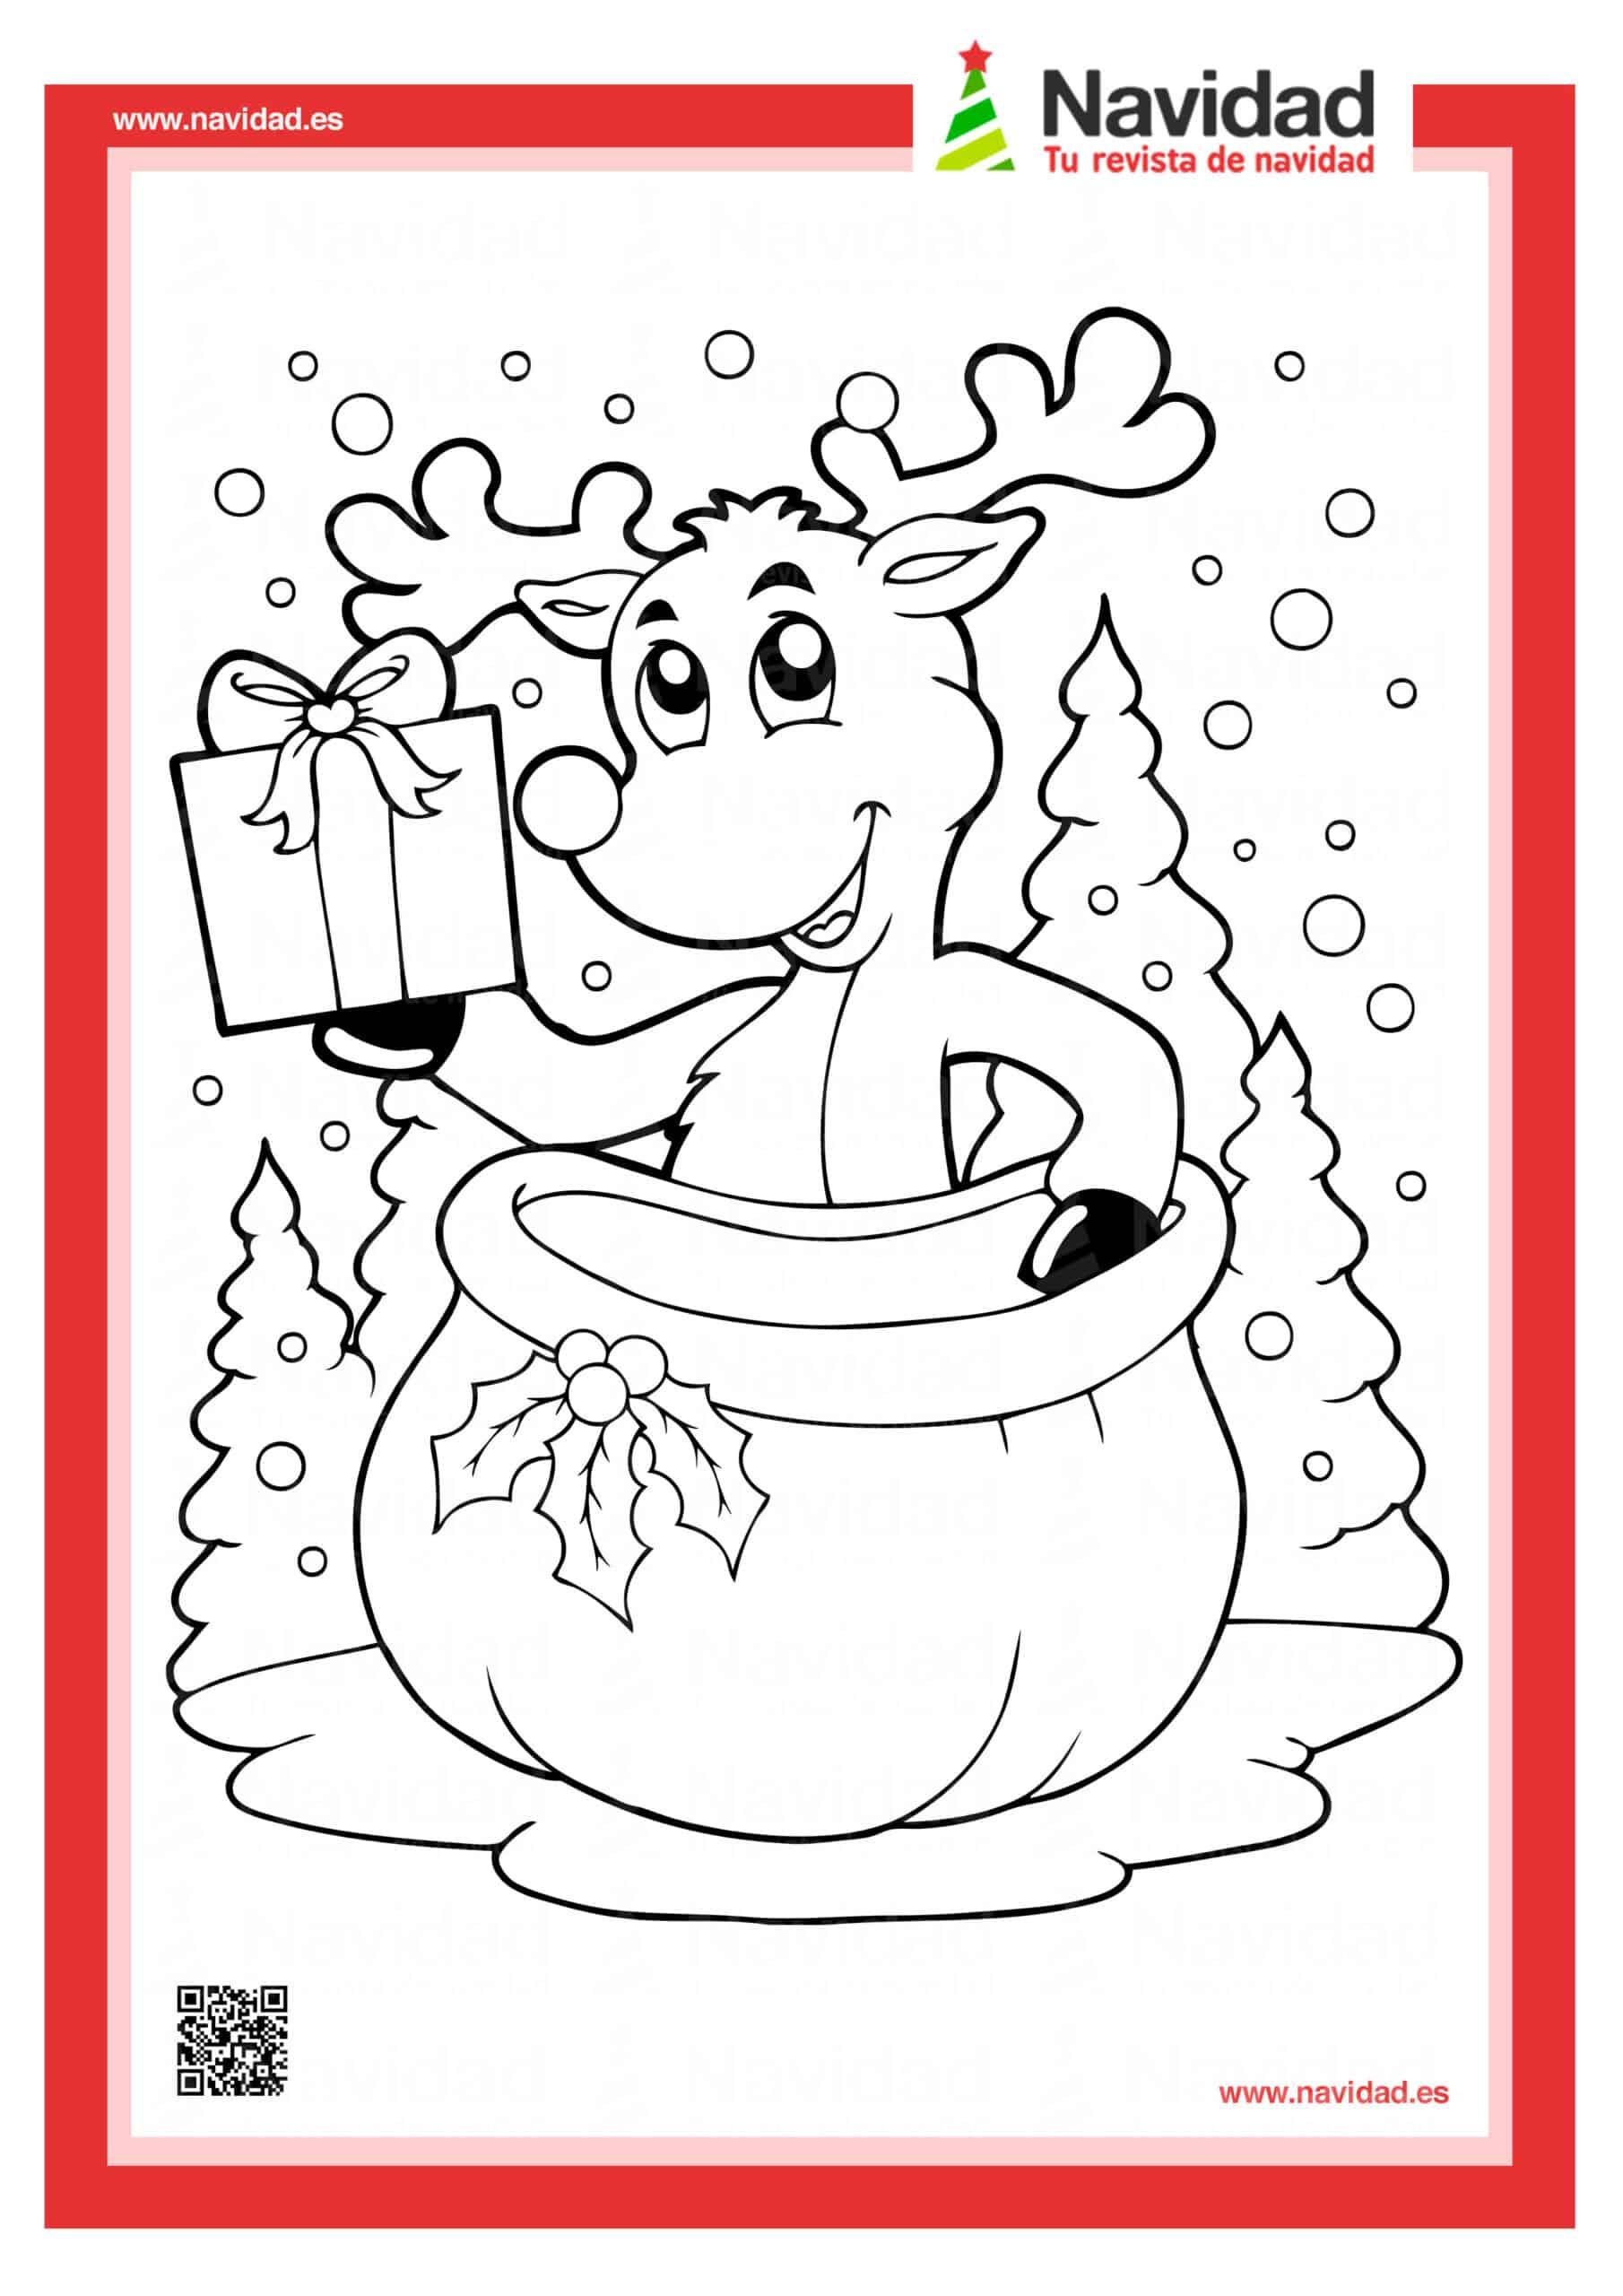 Dibujos navideños para colorear con los hijos esta Navidad 6